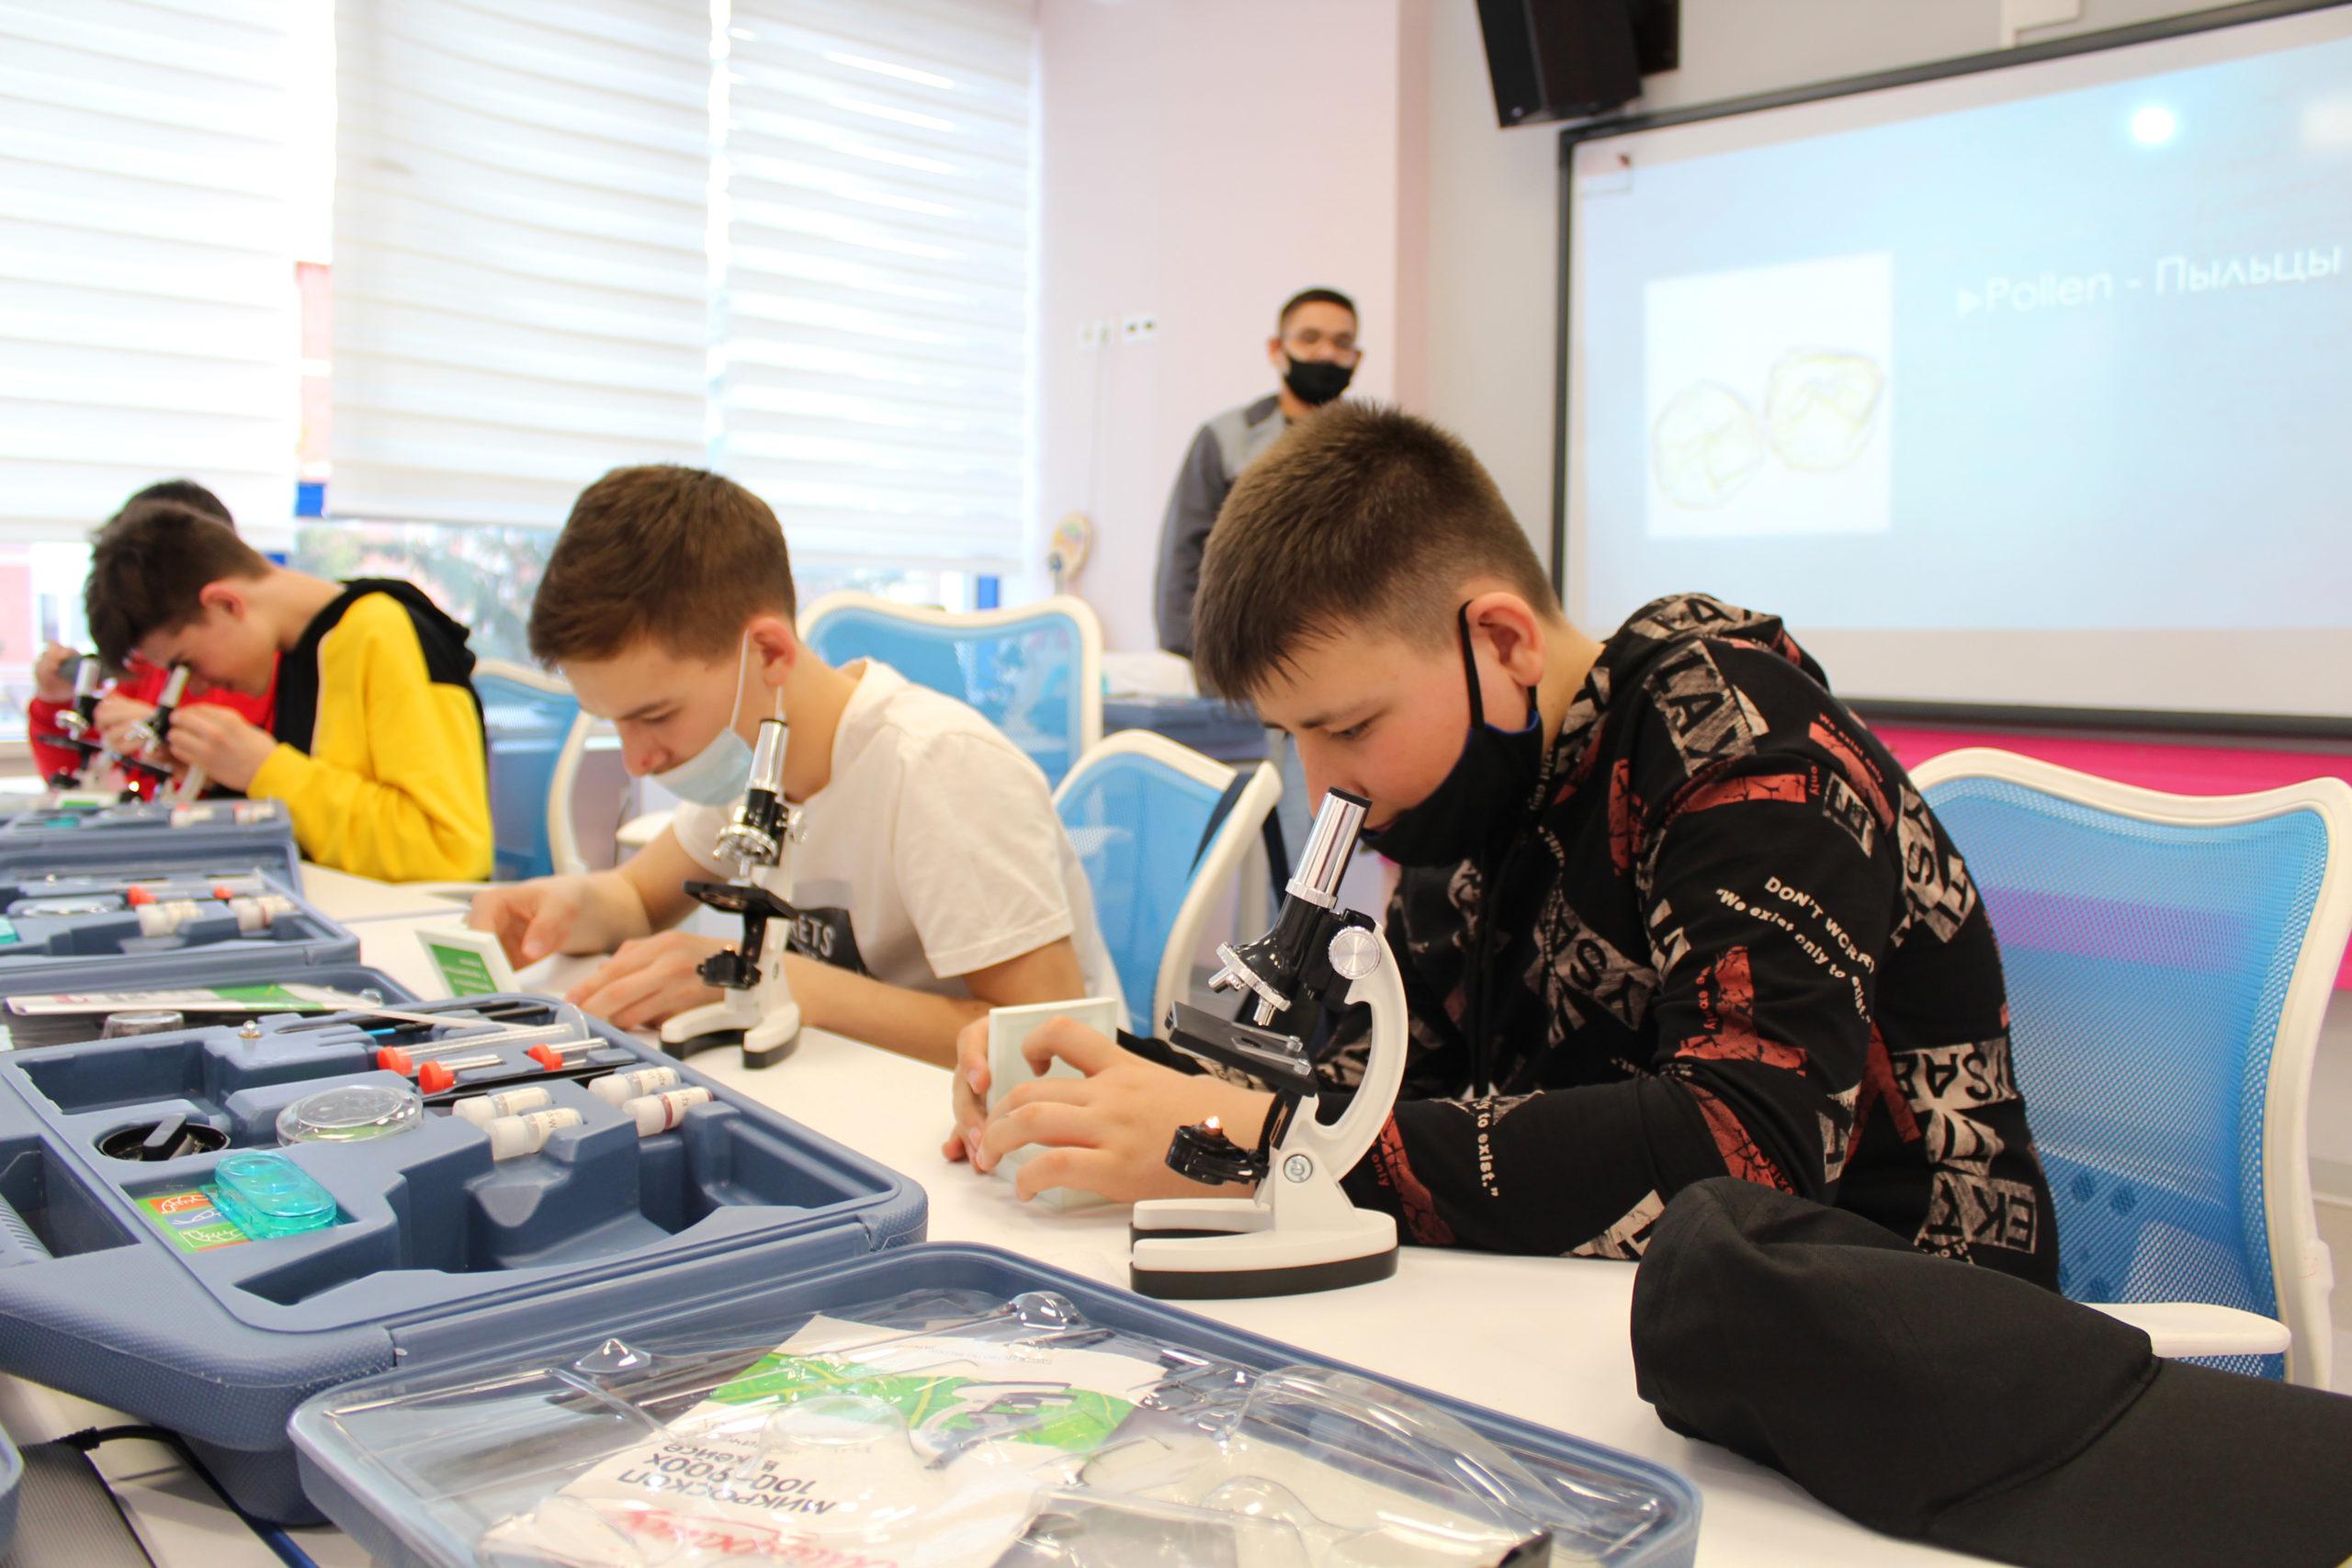 Нескучные уроки: для старшеклассников Челябинска проводят мотивационные курсы